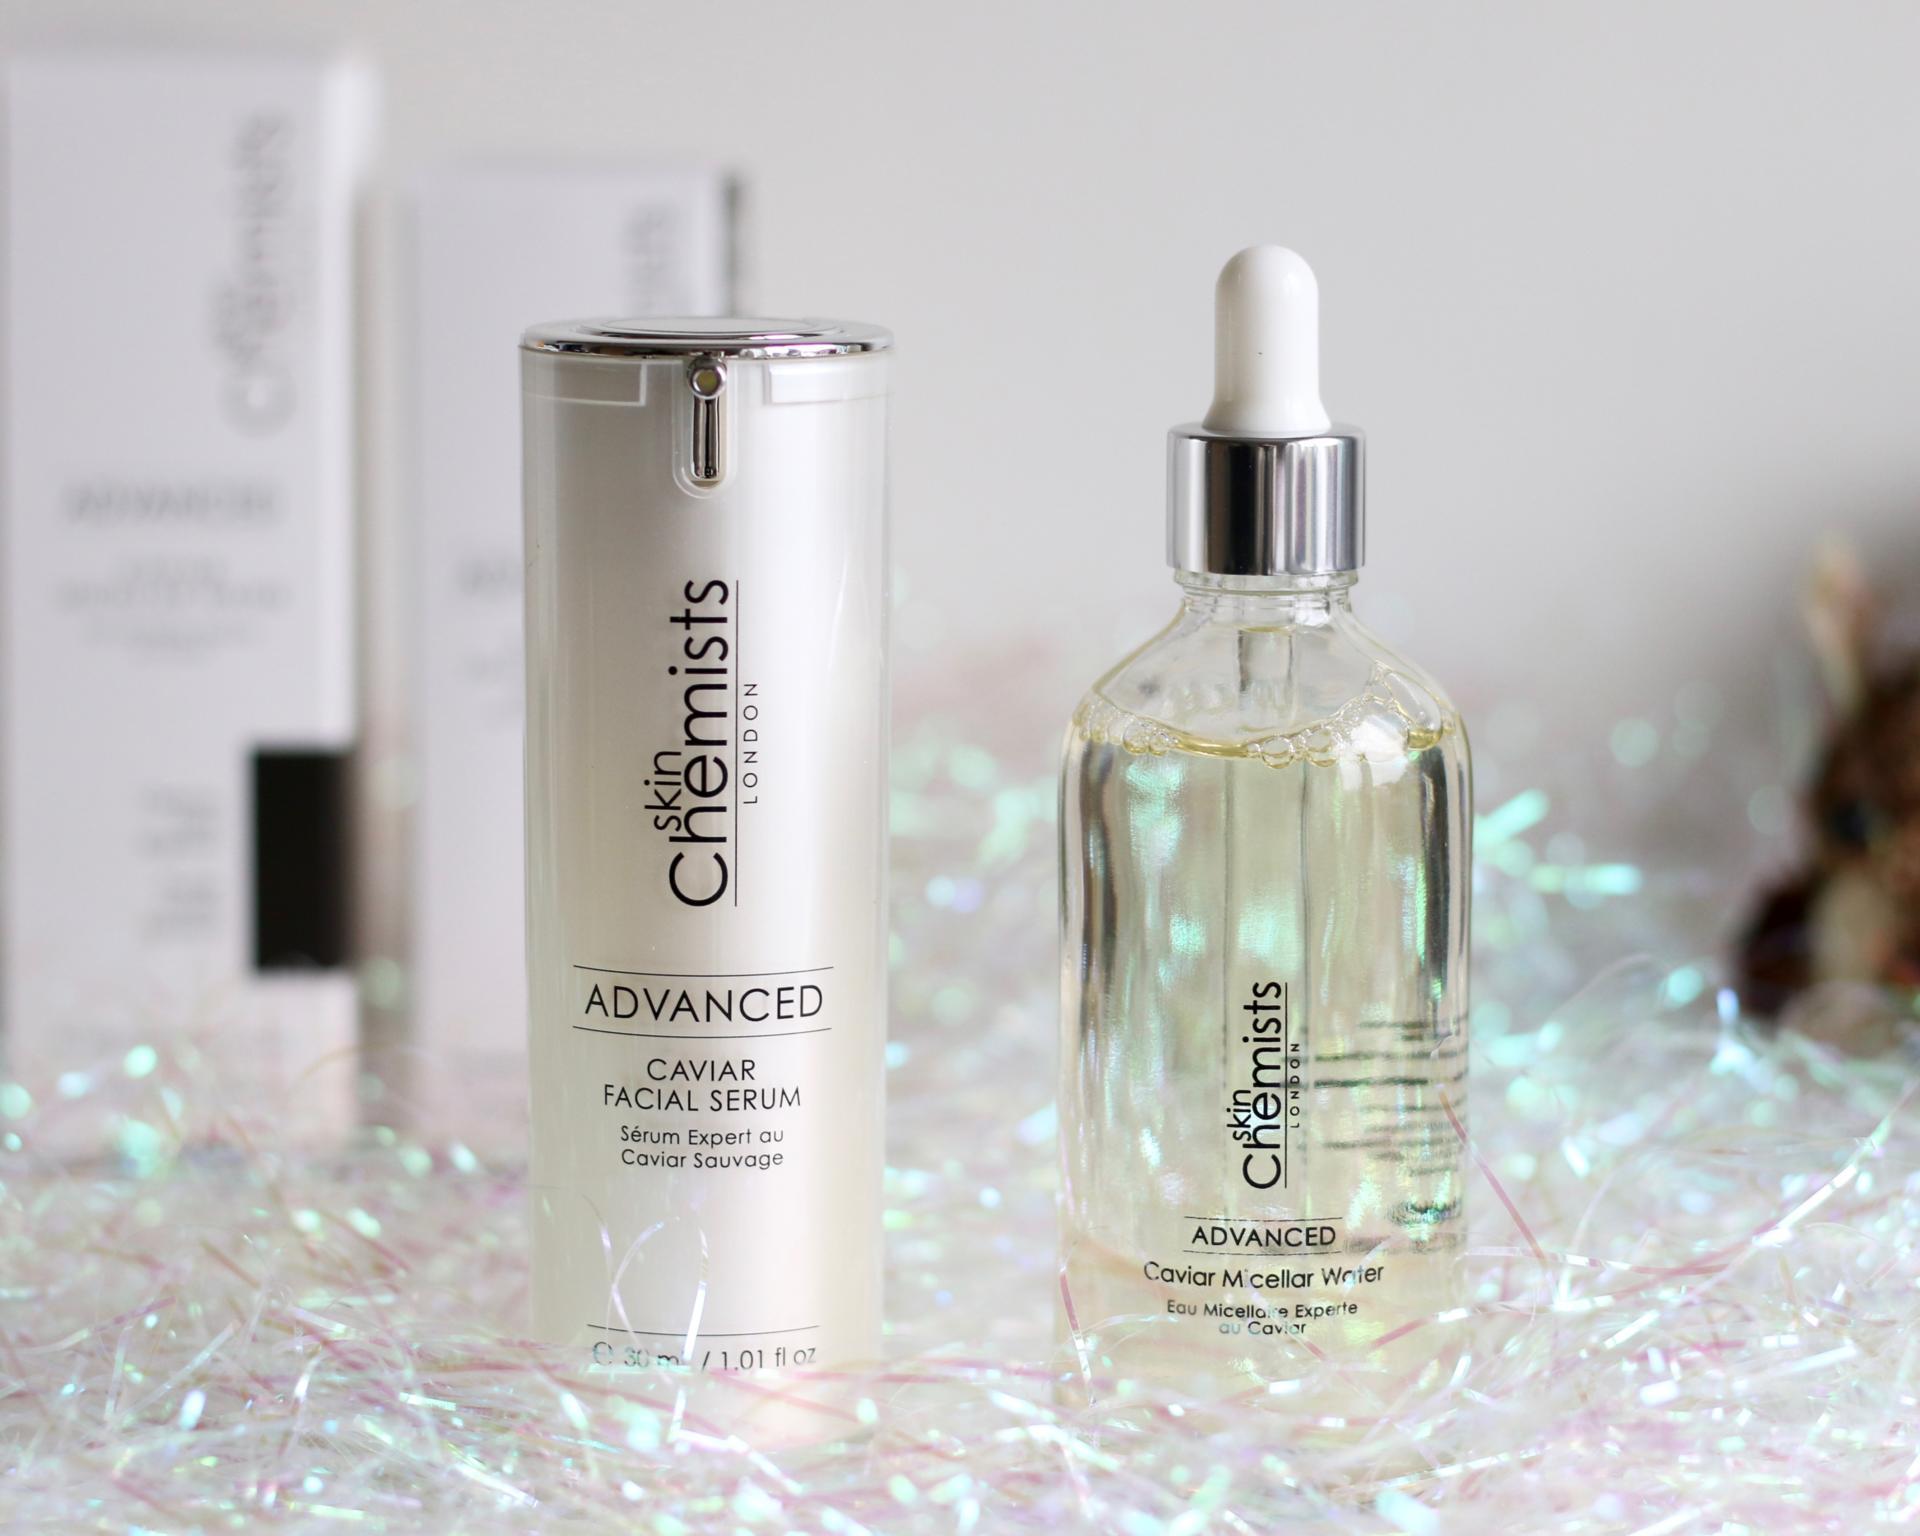 skin-chemists-advanced-caviar-facial-serum-micellar-water